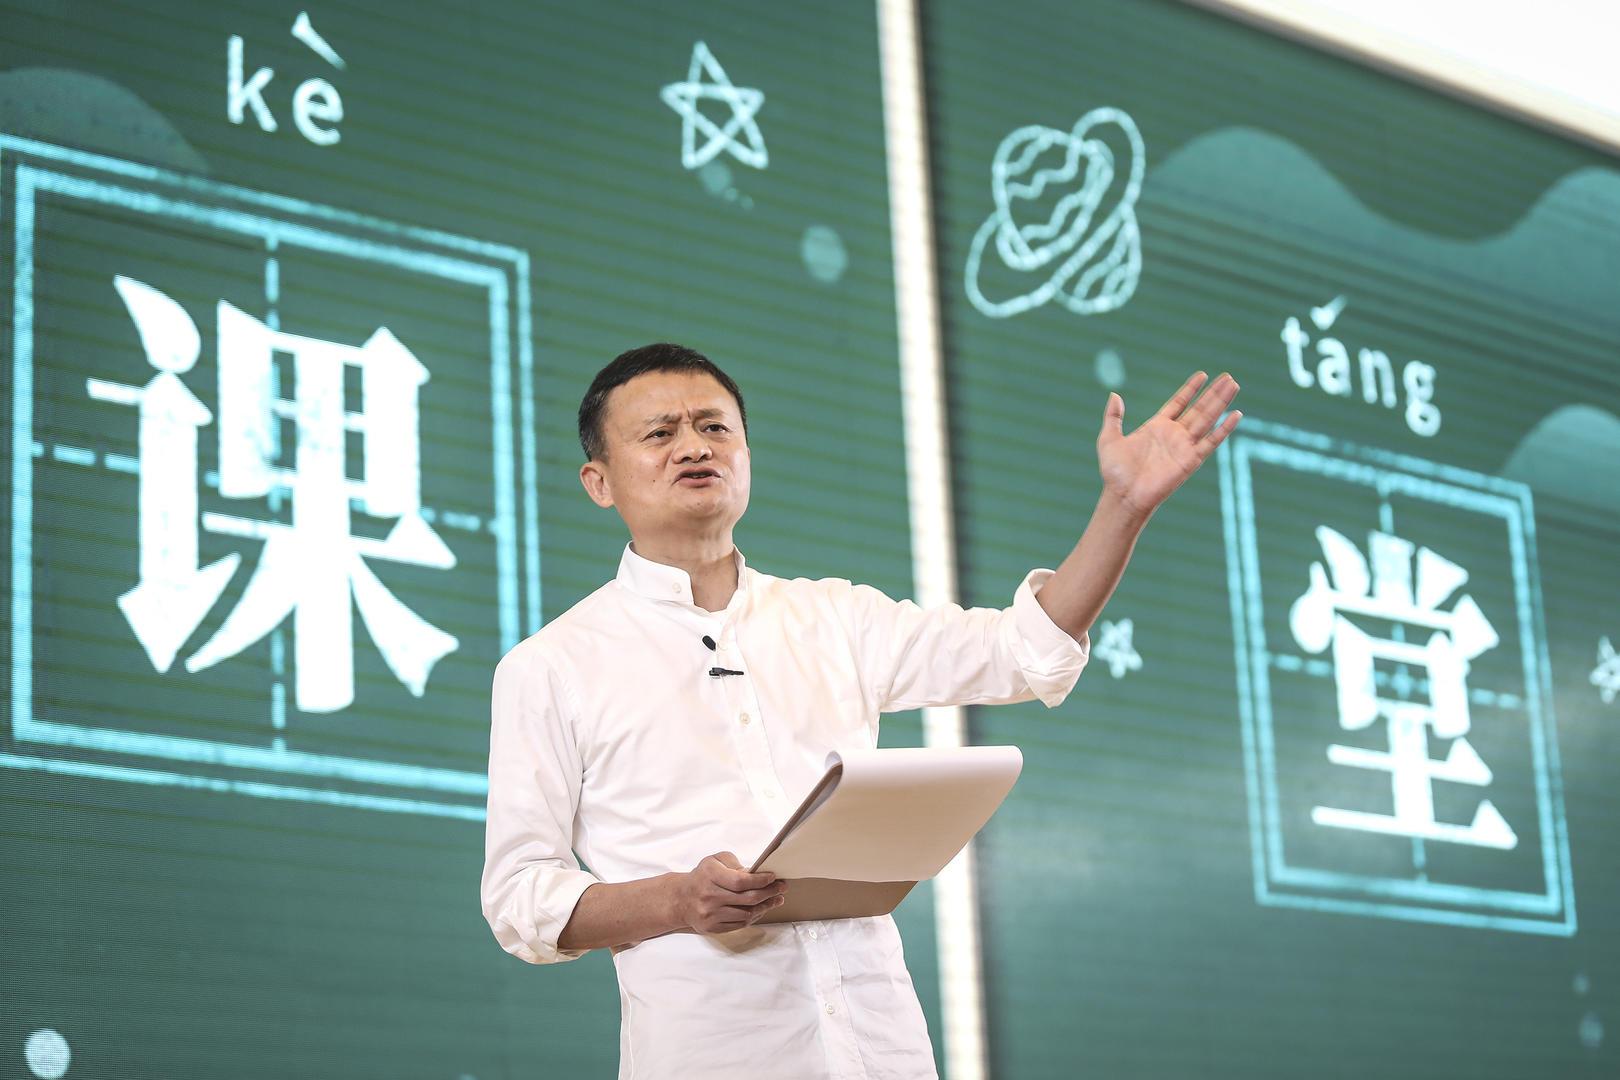 """2020年1月7日举行的马云乡村教育发展年会上,马云和乡村教师、校长一起""""重回课堂"""",据东方ic"""